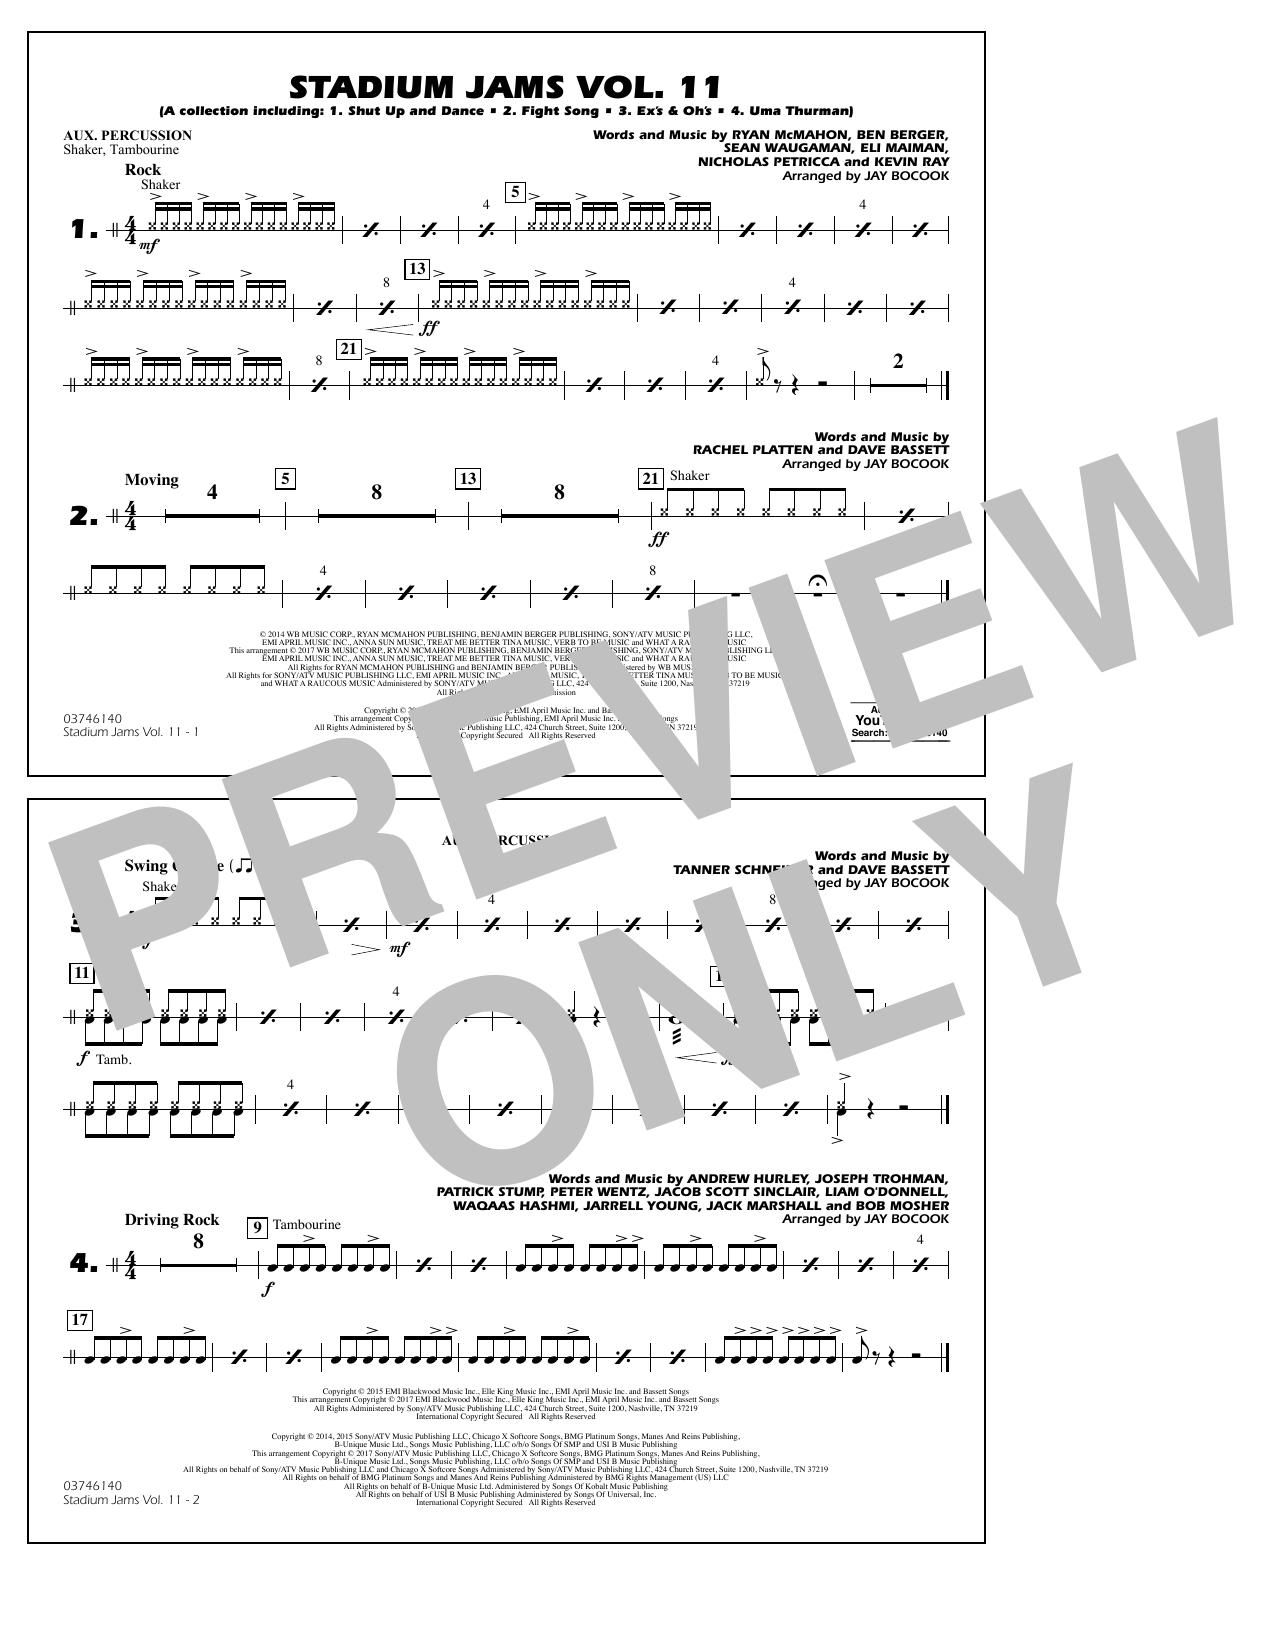 Stadium Jams Volume 11 - Aux Percussion Sheet Music